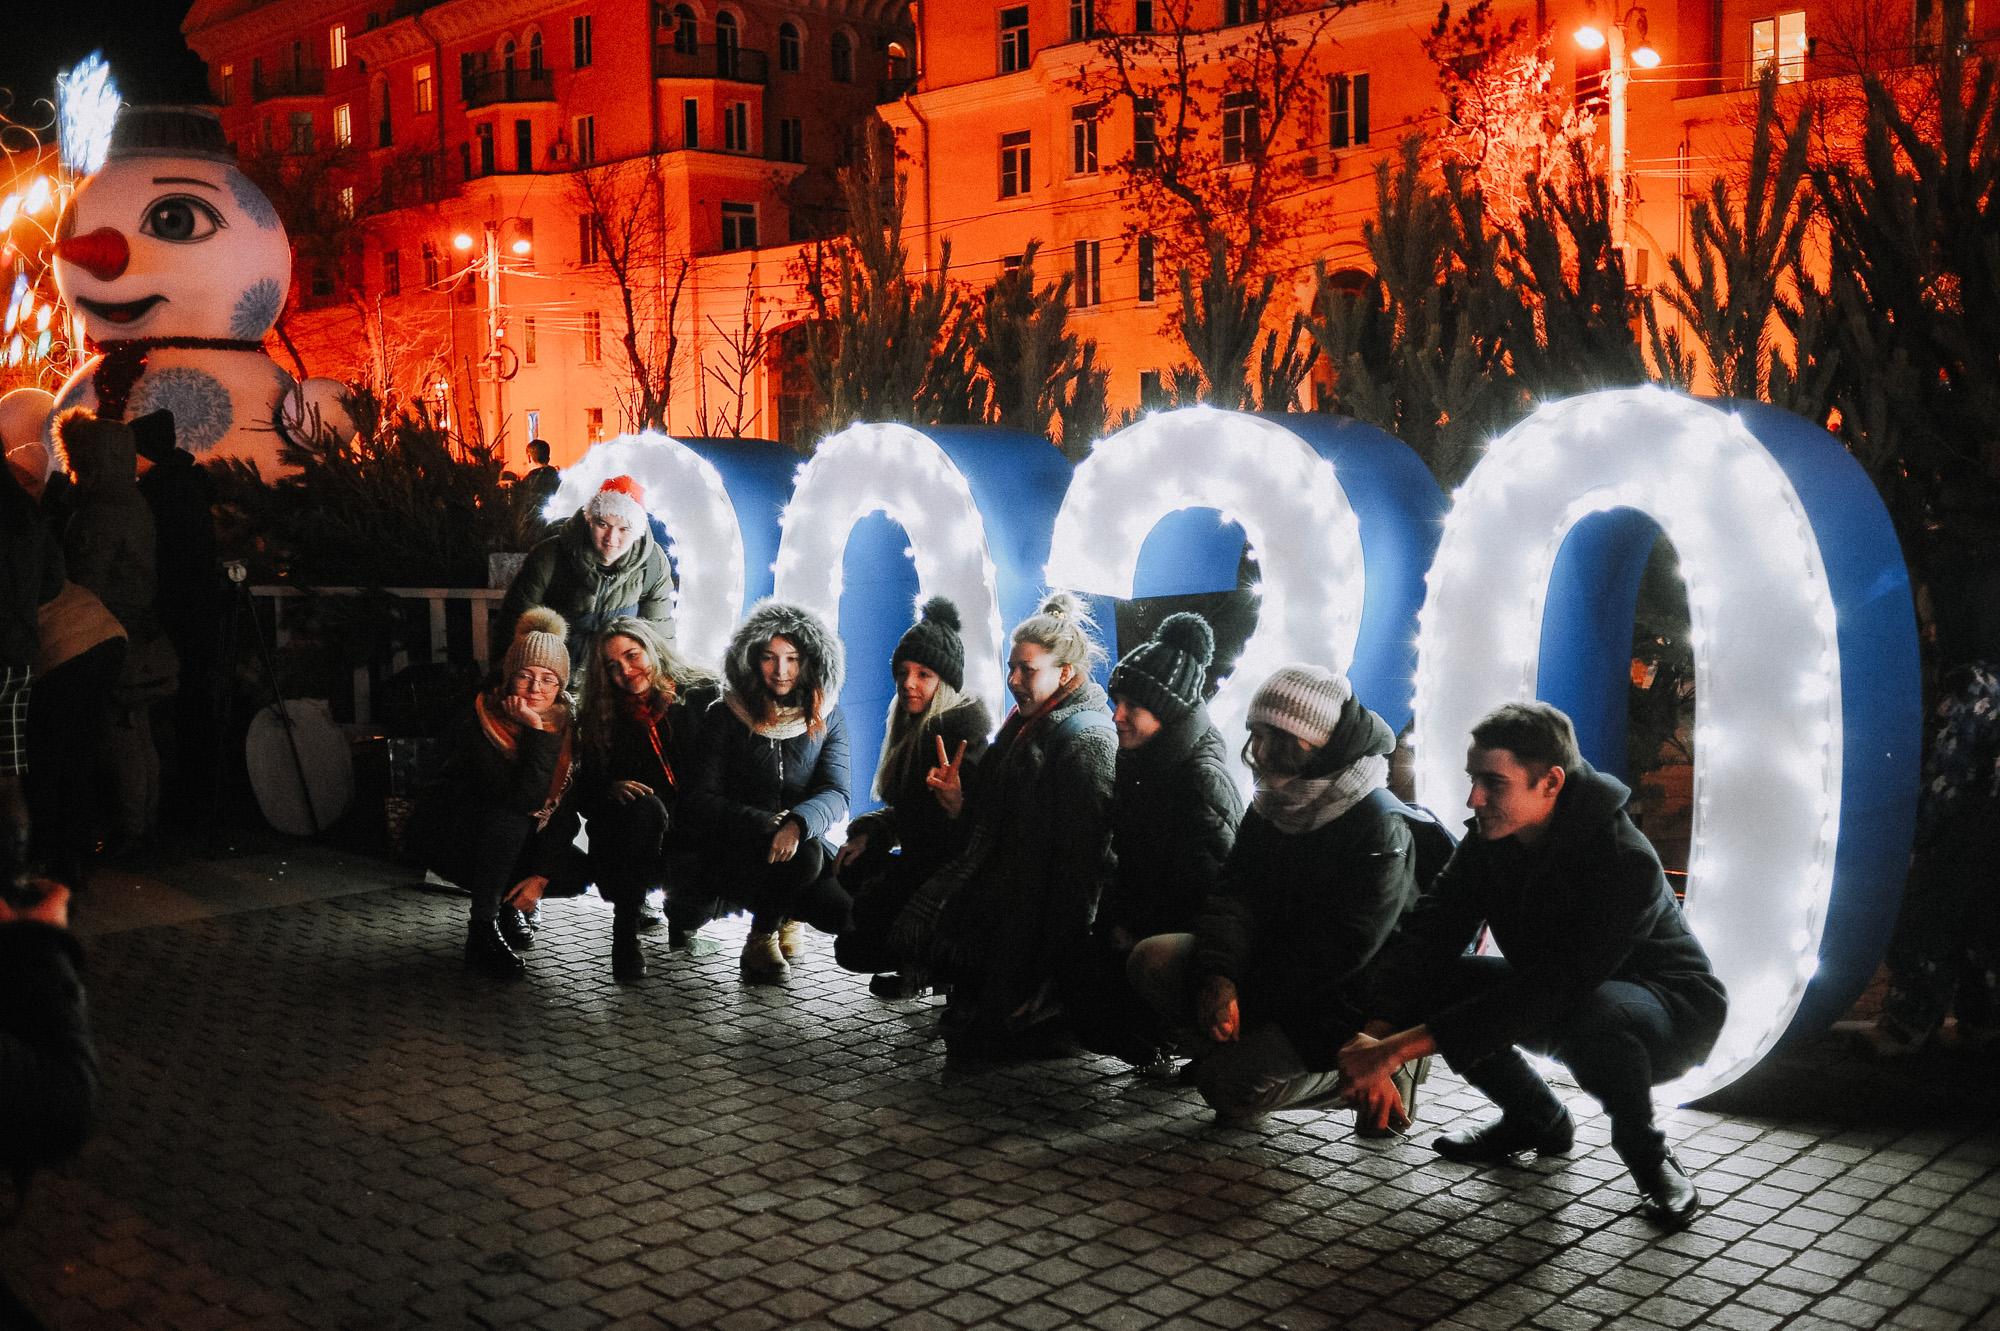 ZZZ 6930 В Астрахани на площади Ленина зажгли новогоднюю елку: кадры торжества